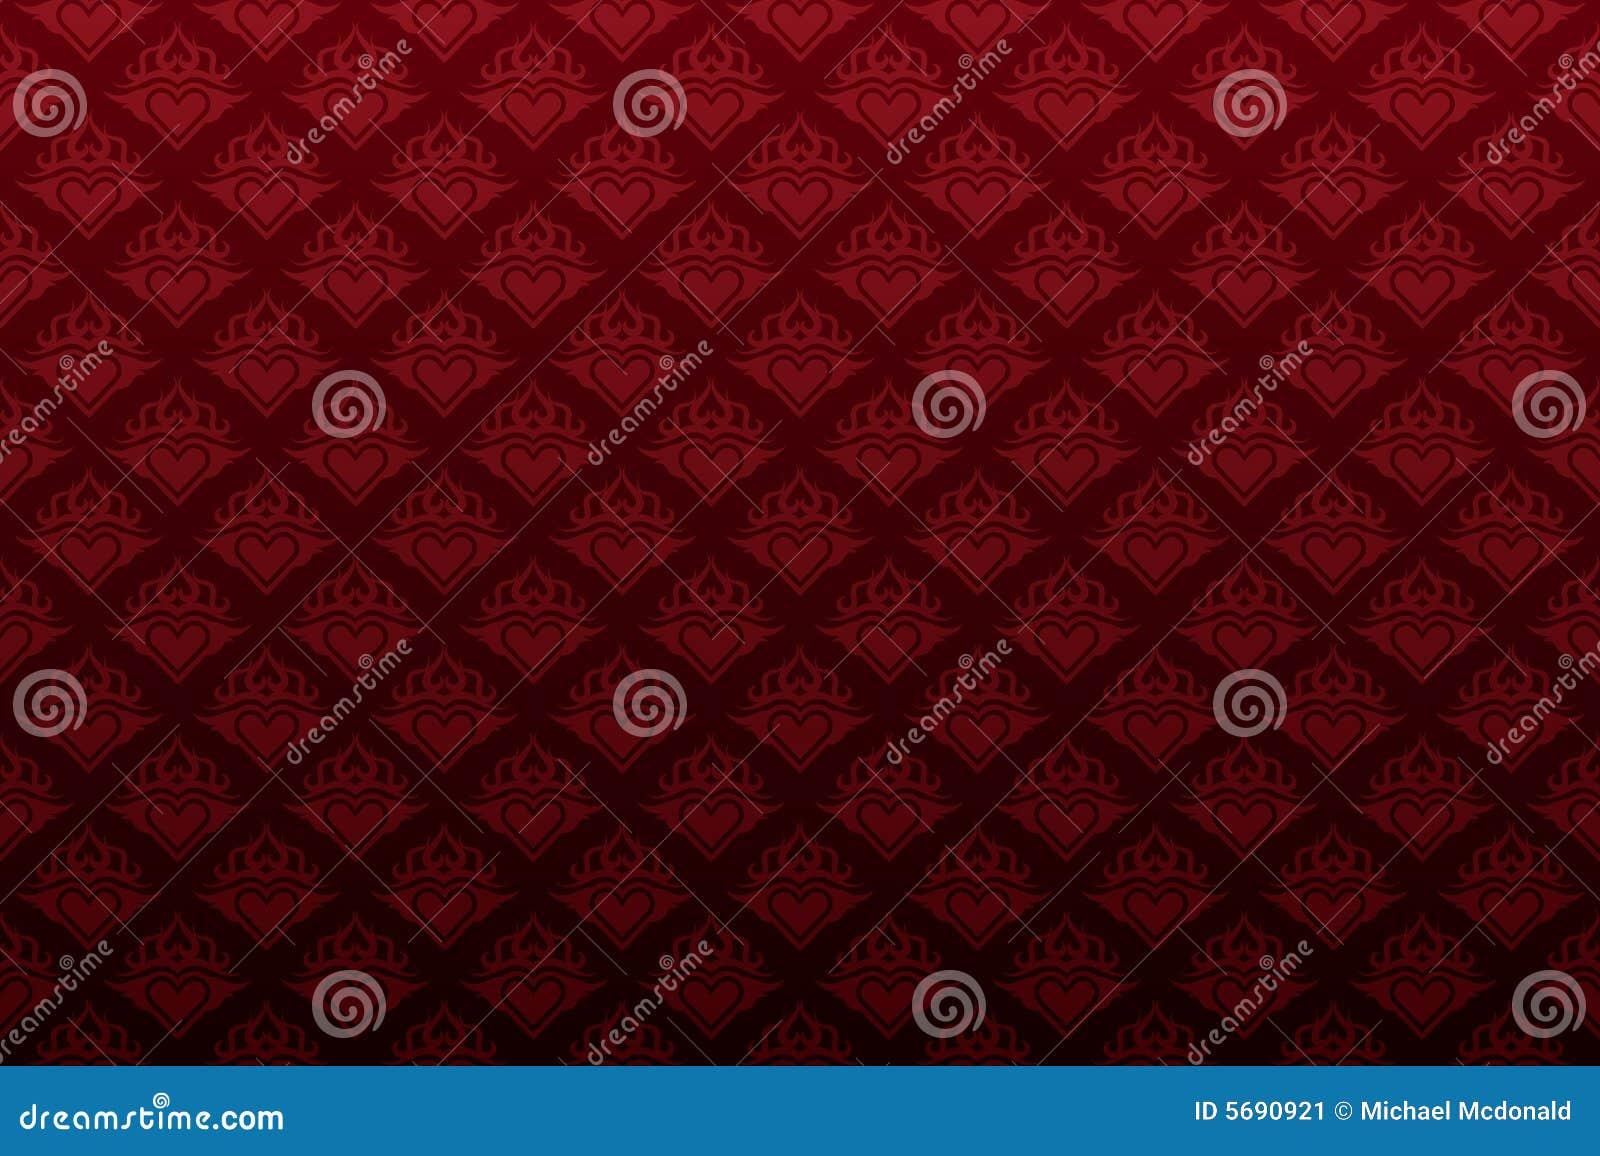 Papier peint sans joint floral de coeur rouge foncé